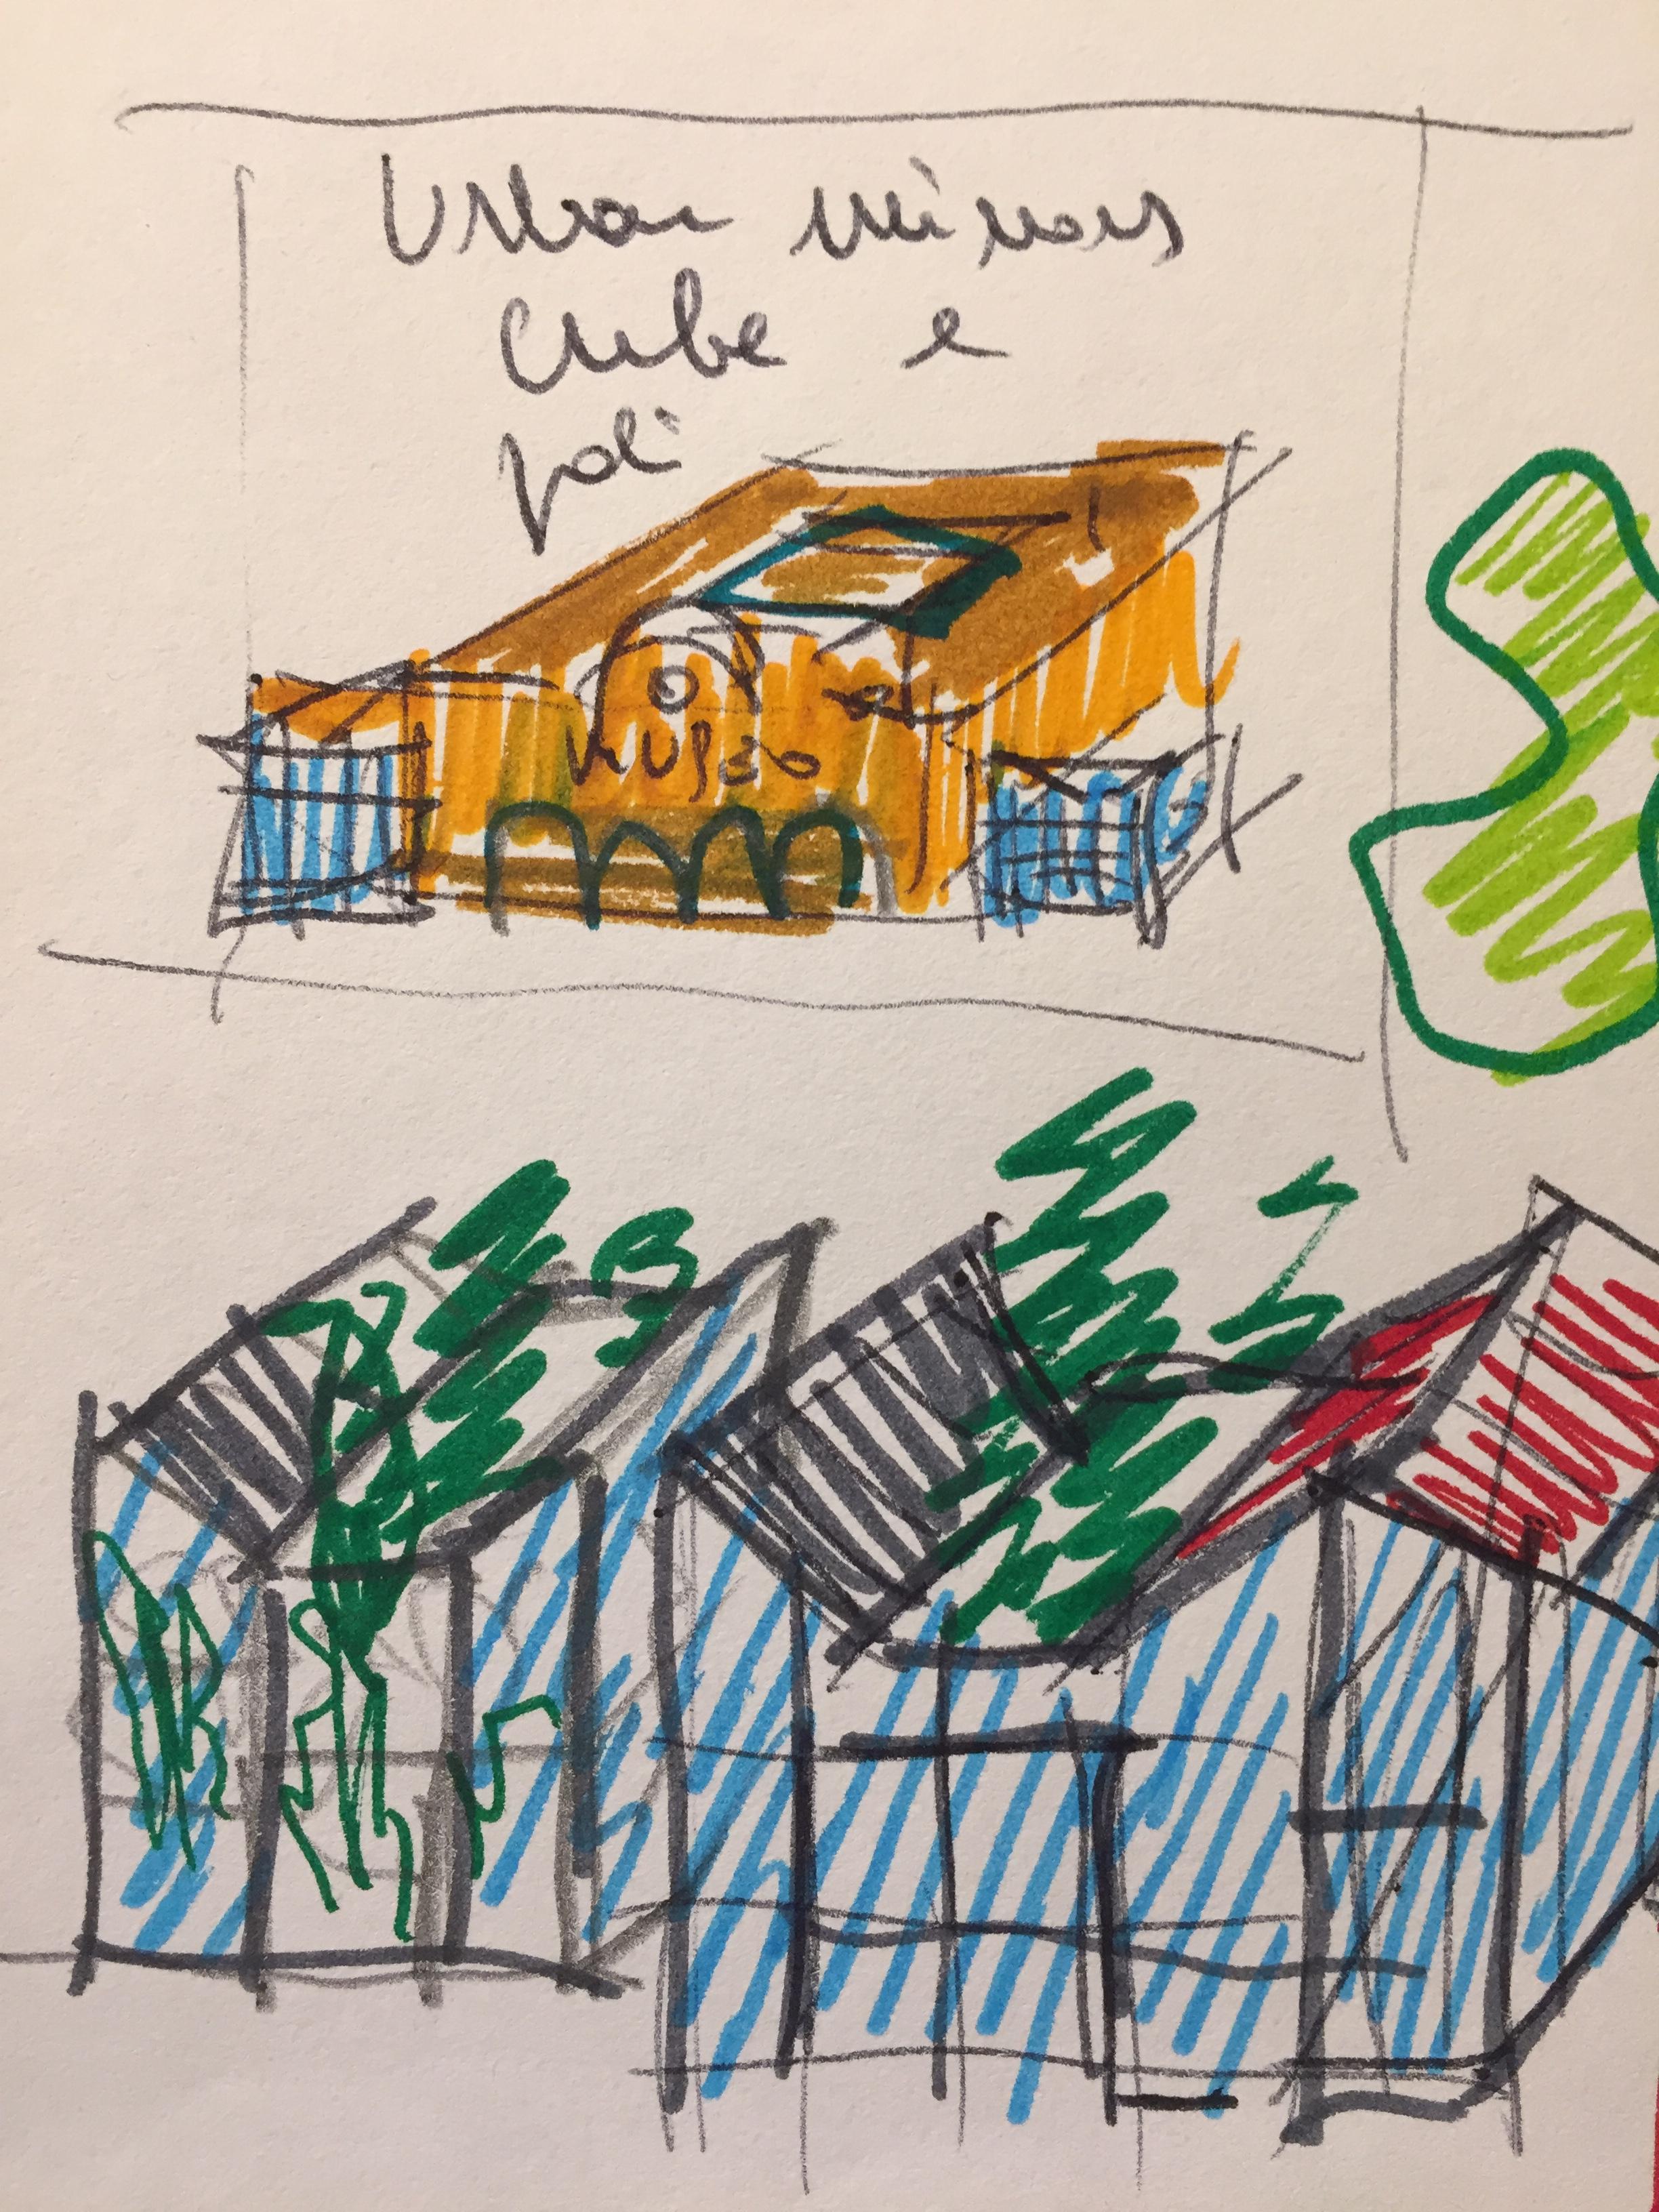 Dall'edilizia scolastica ai portali ed ai luoghi urbani dell'educazione